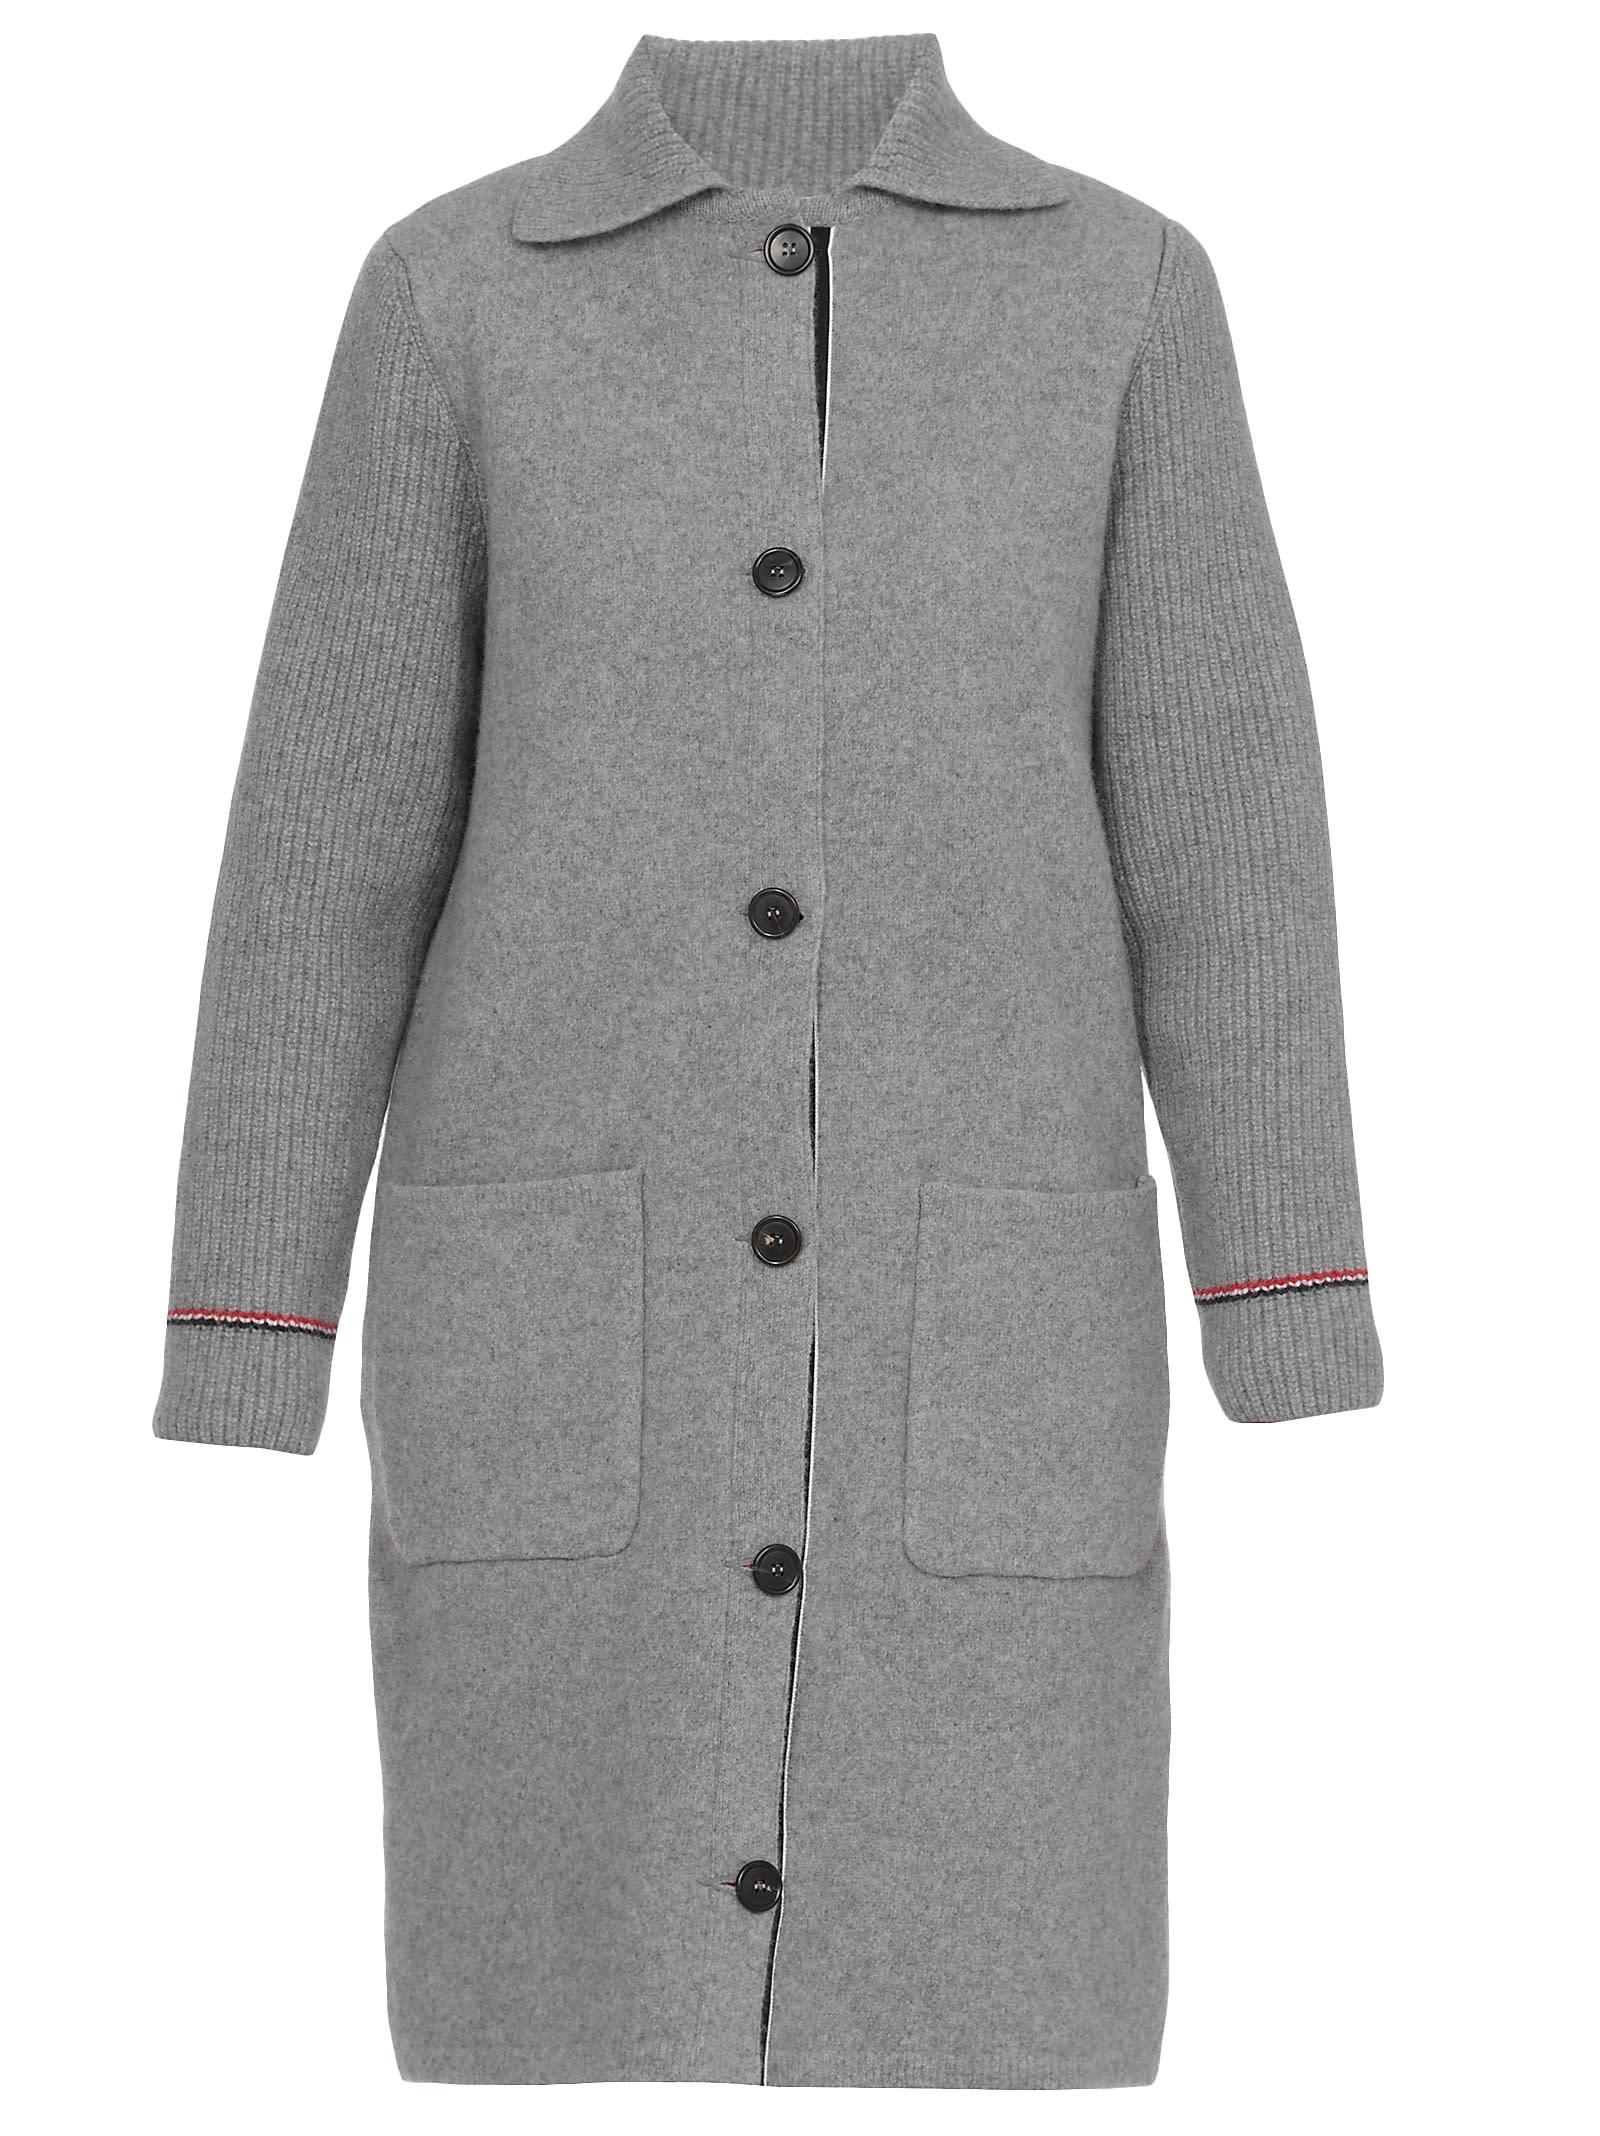 Thom Browne Single-breasted Coat